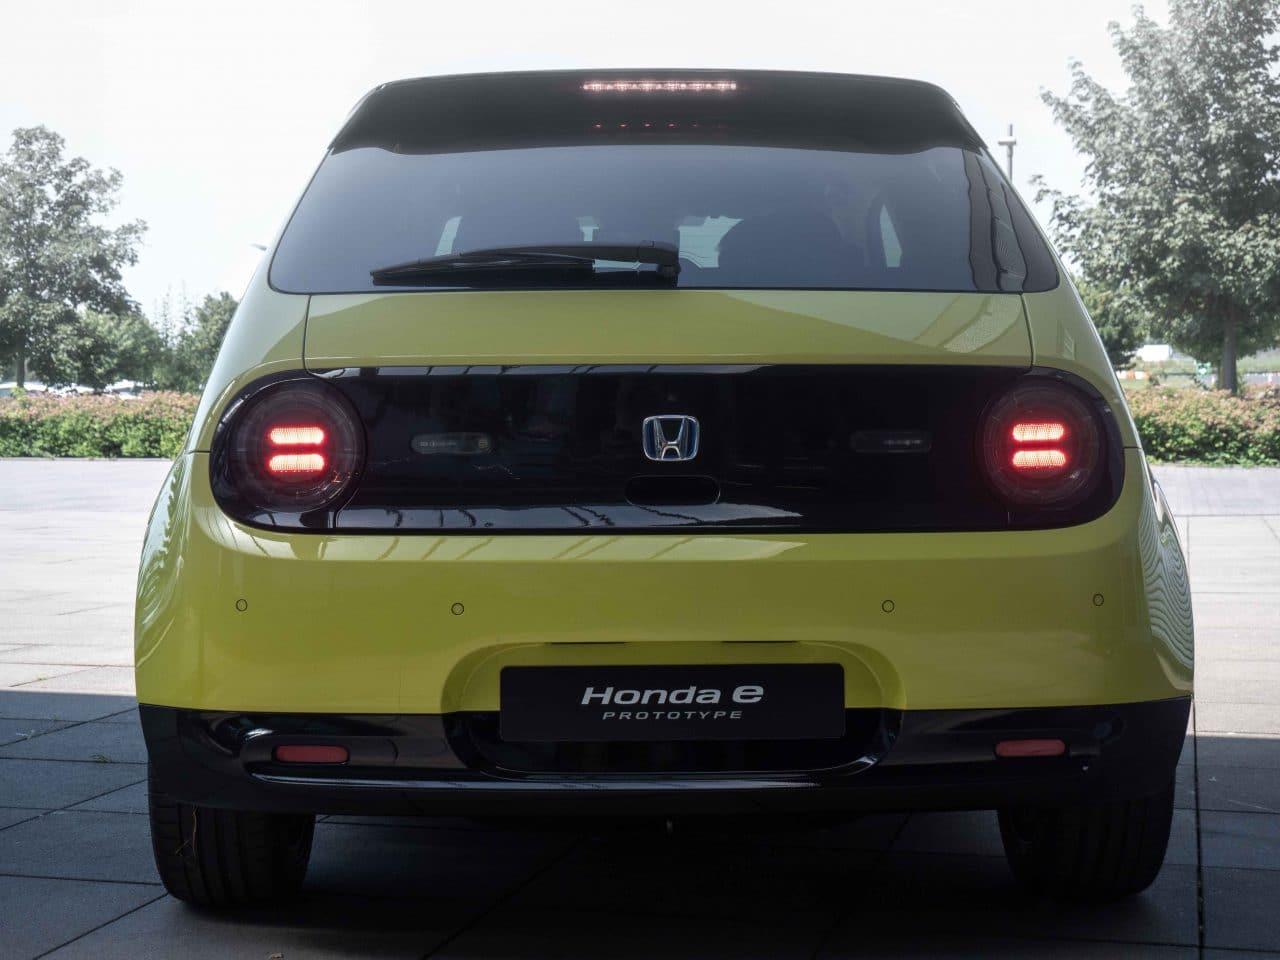 Honda e essai